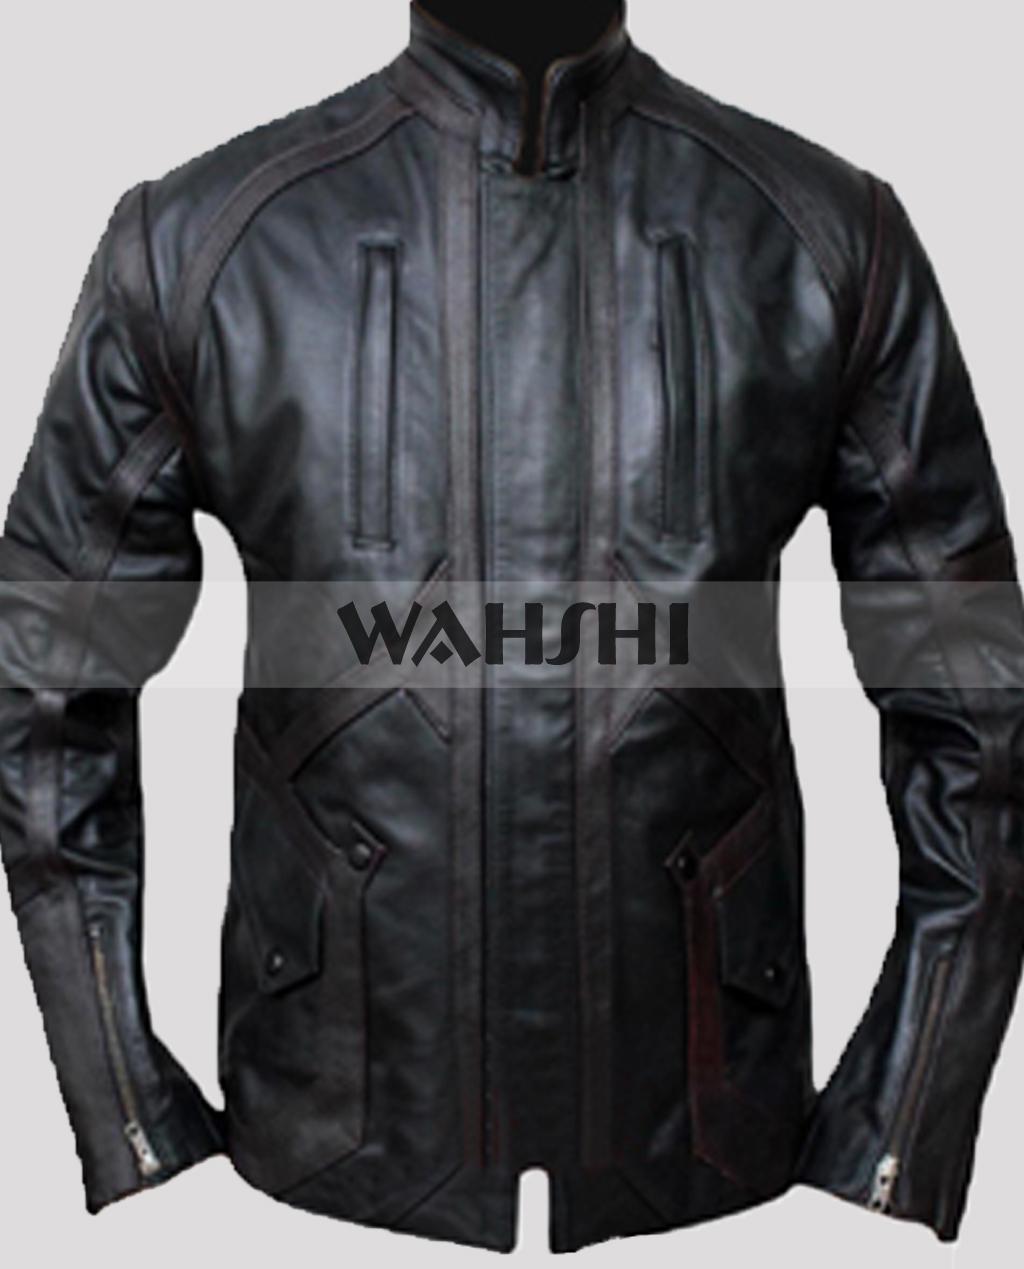 bucky-barnes-winter-soldier-jacket